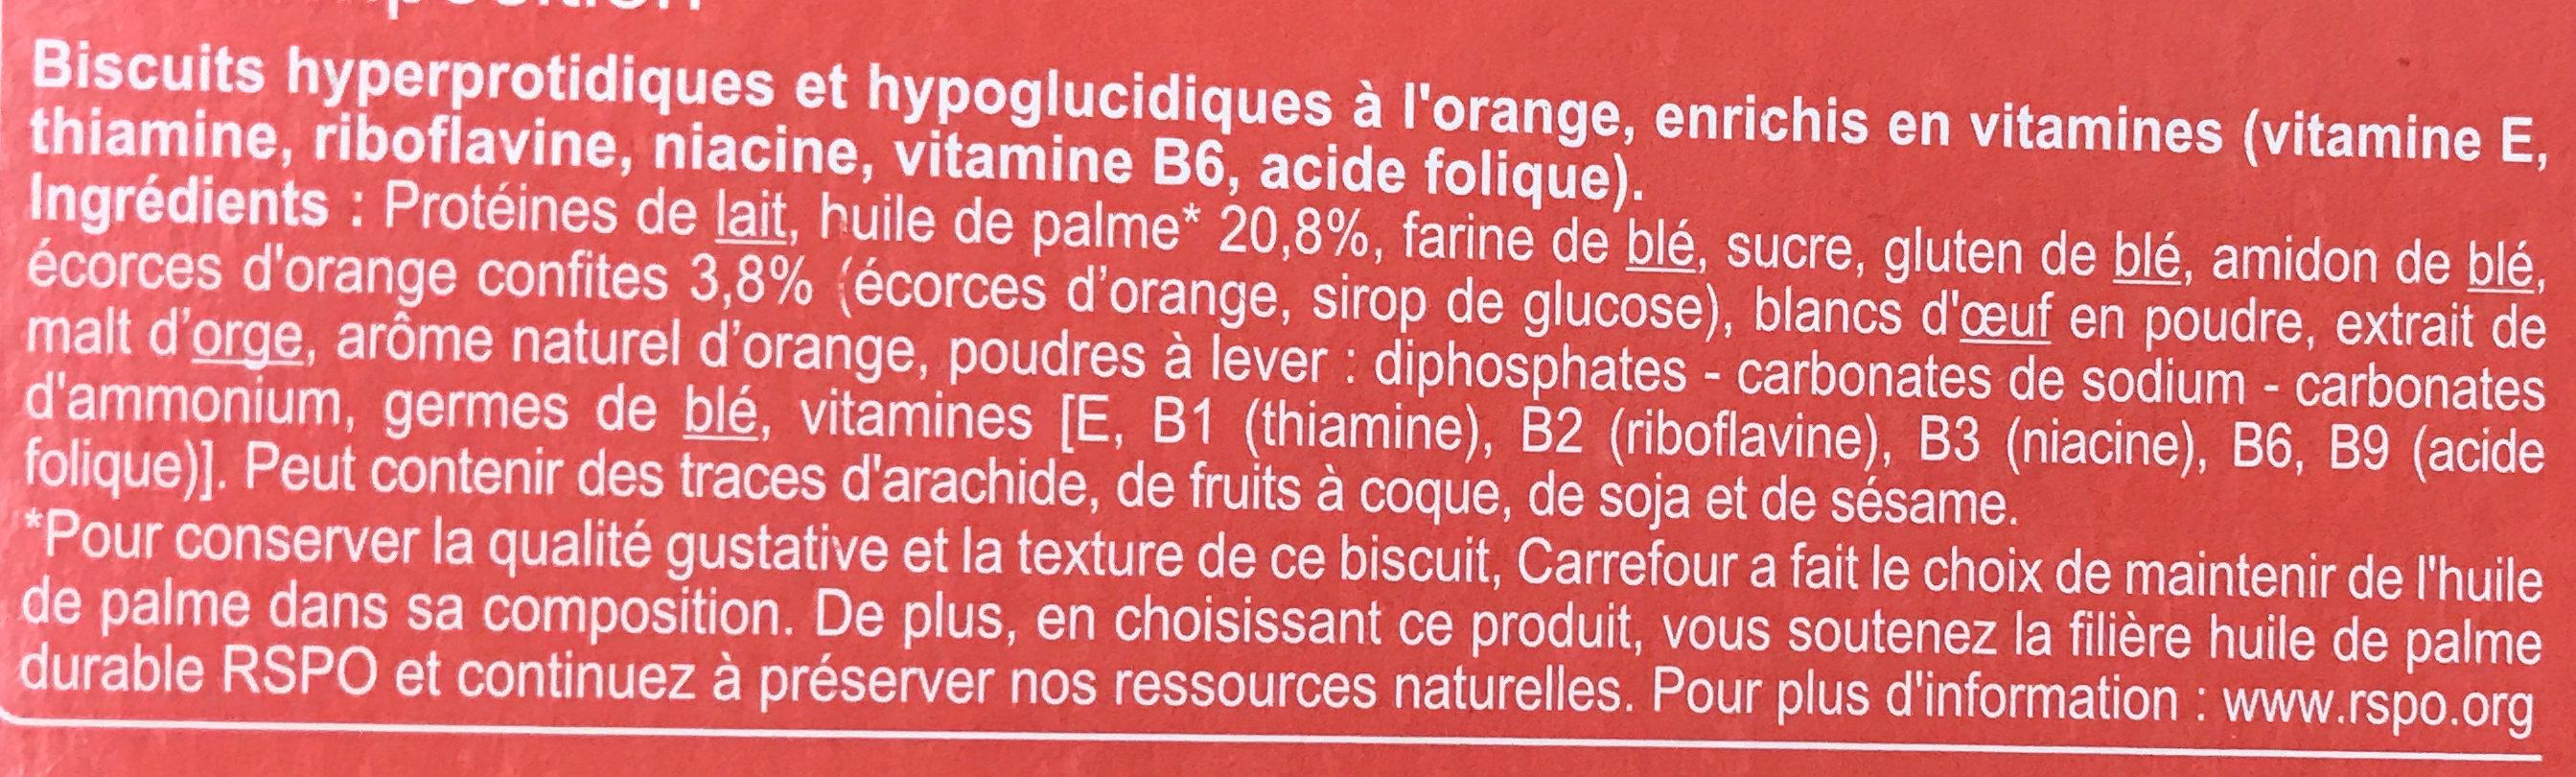 Biscuits hyperprotidiques et hypoglucidiques à l'orange - Ingredients - fr